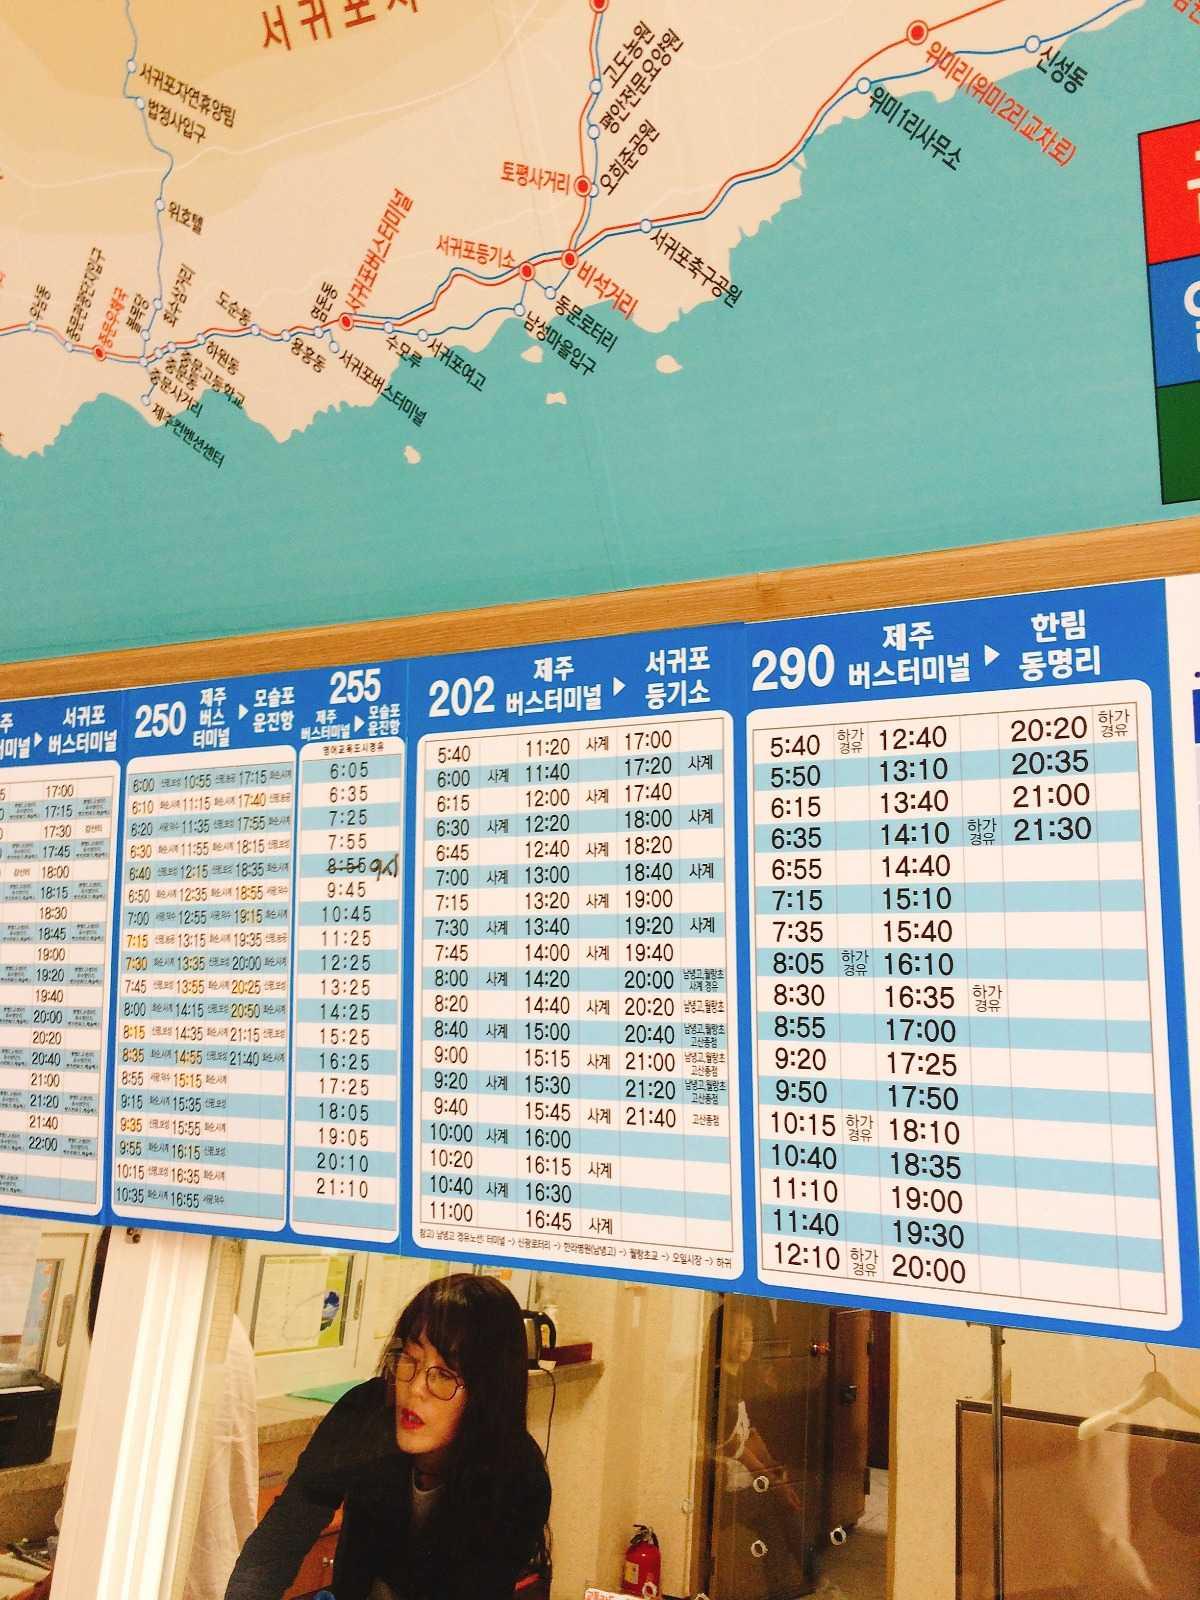 櫃台前的告示版有所有巴士的出發時間,除了有普通的巴士,還有最新的急行線,由於只停靠主要的大站 ,因此一小時內的車程就能抵達濟州島各個區域。